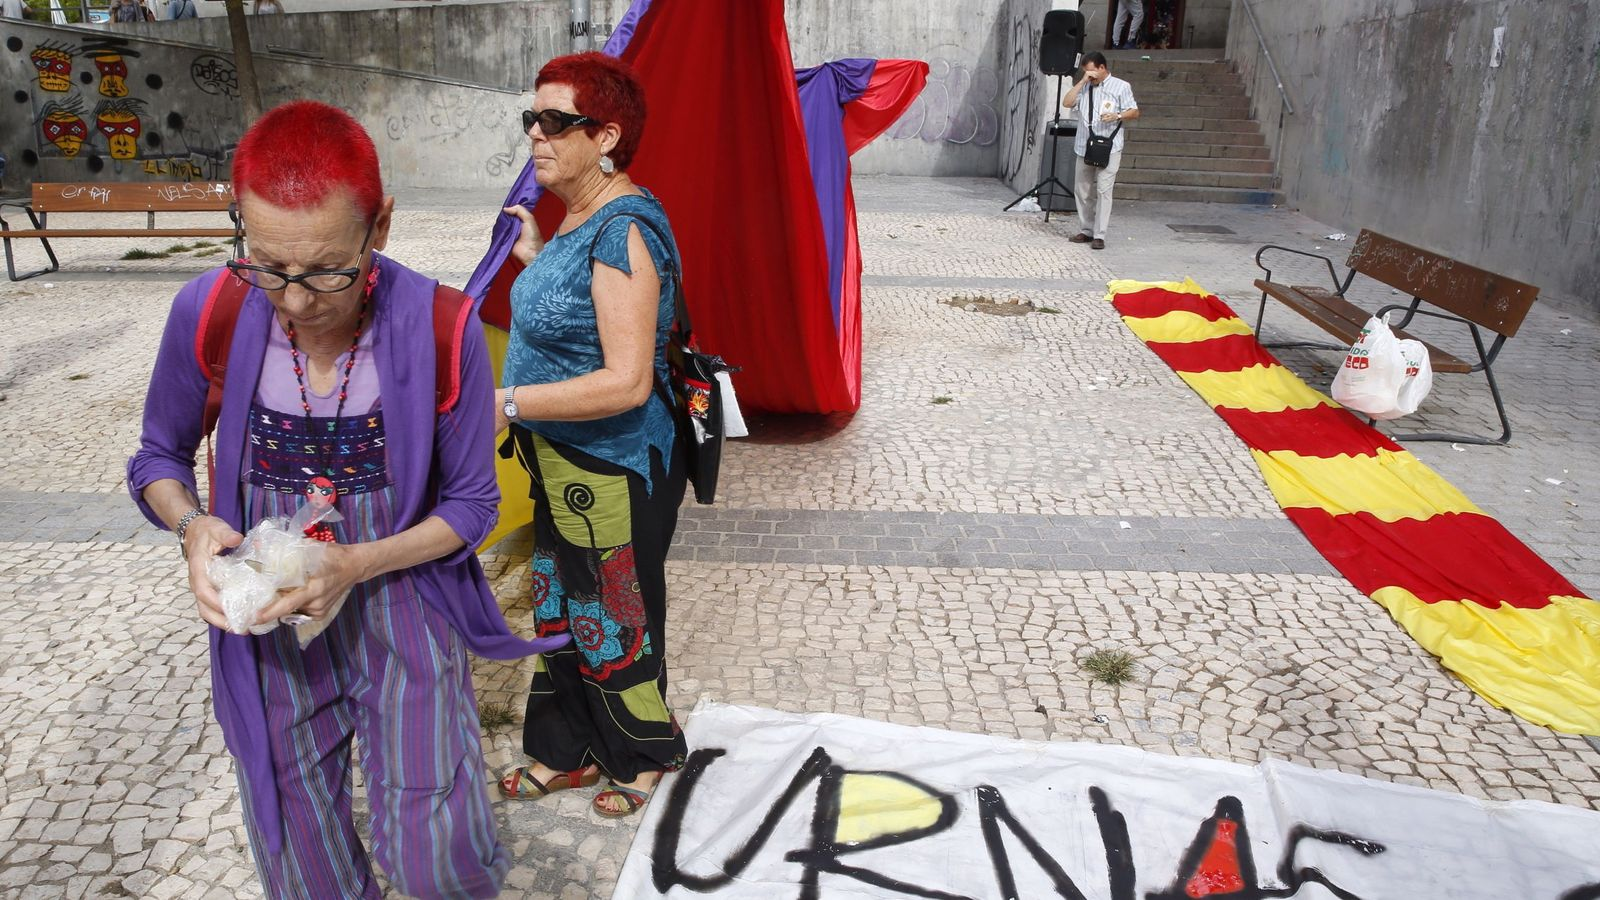 Foto: Acto de 'Madrid abraza Cataluña' con motivo del referéndum del 1-O